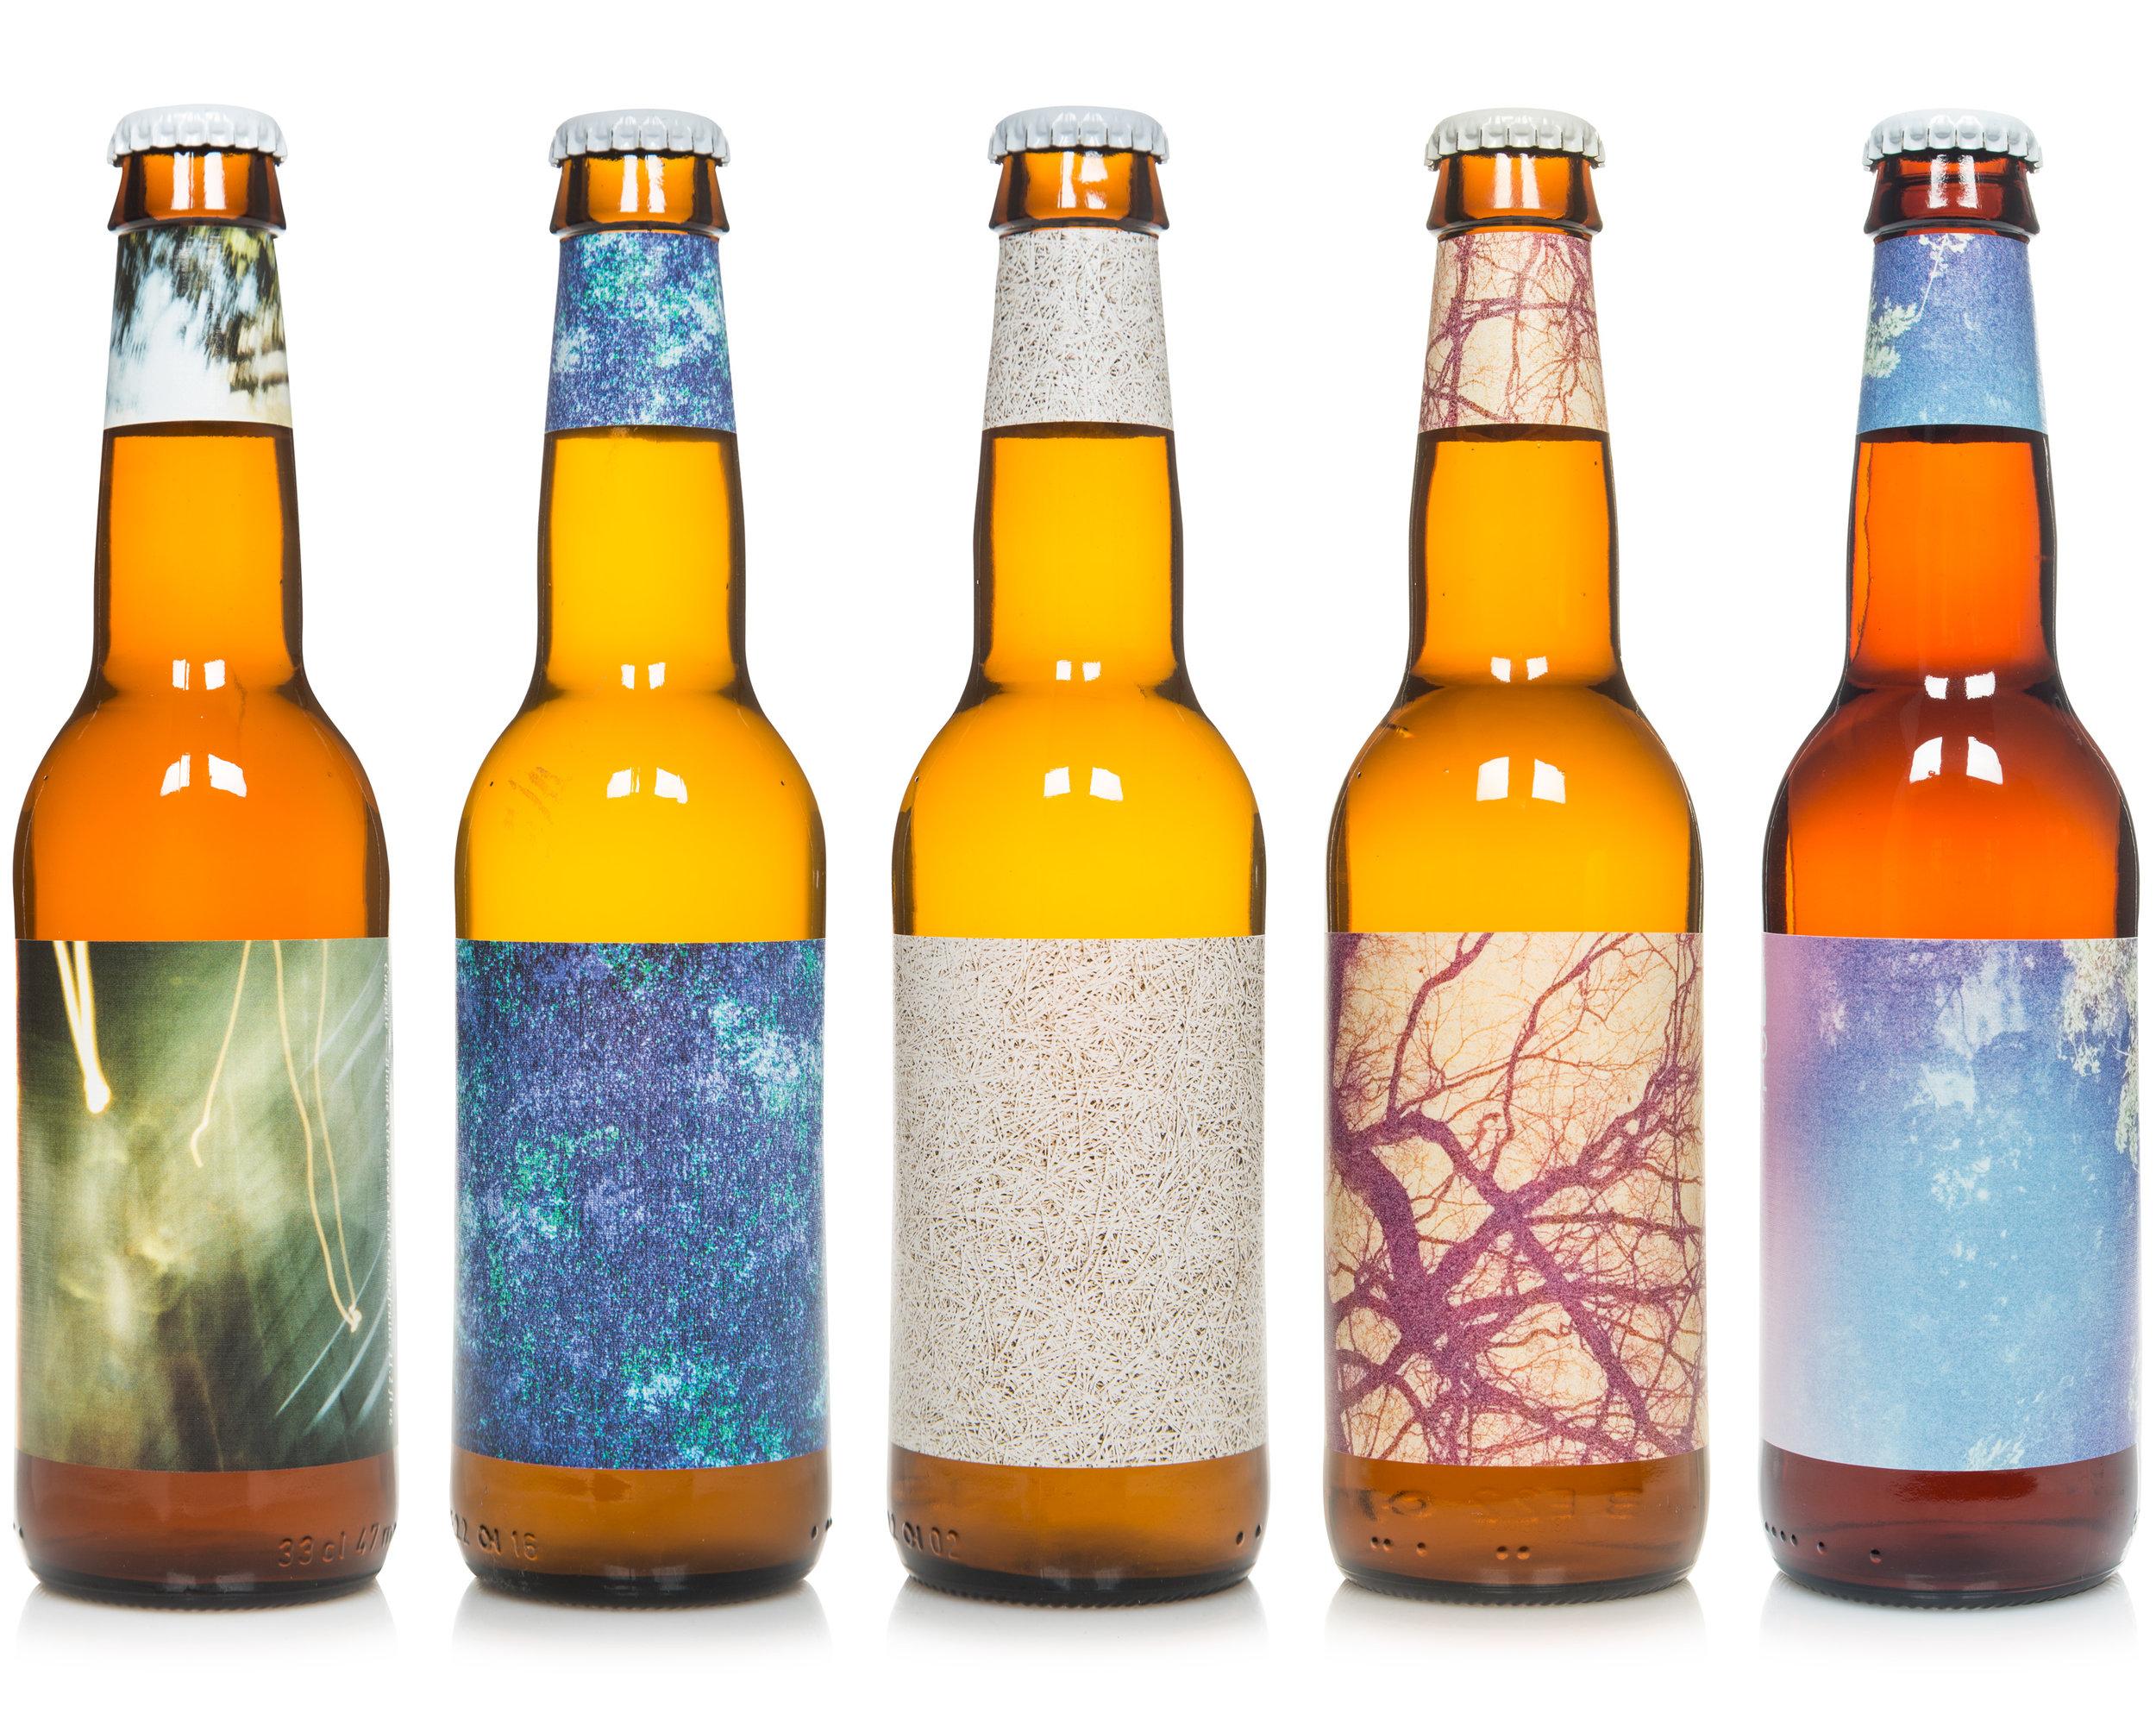 kasper_ledet_photo_based_bottle_labels.jpg